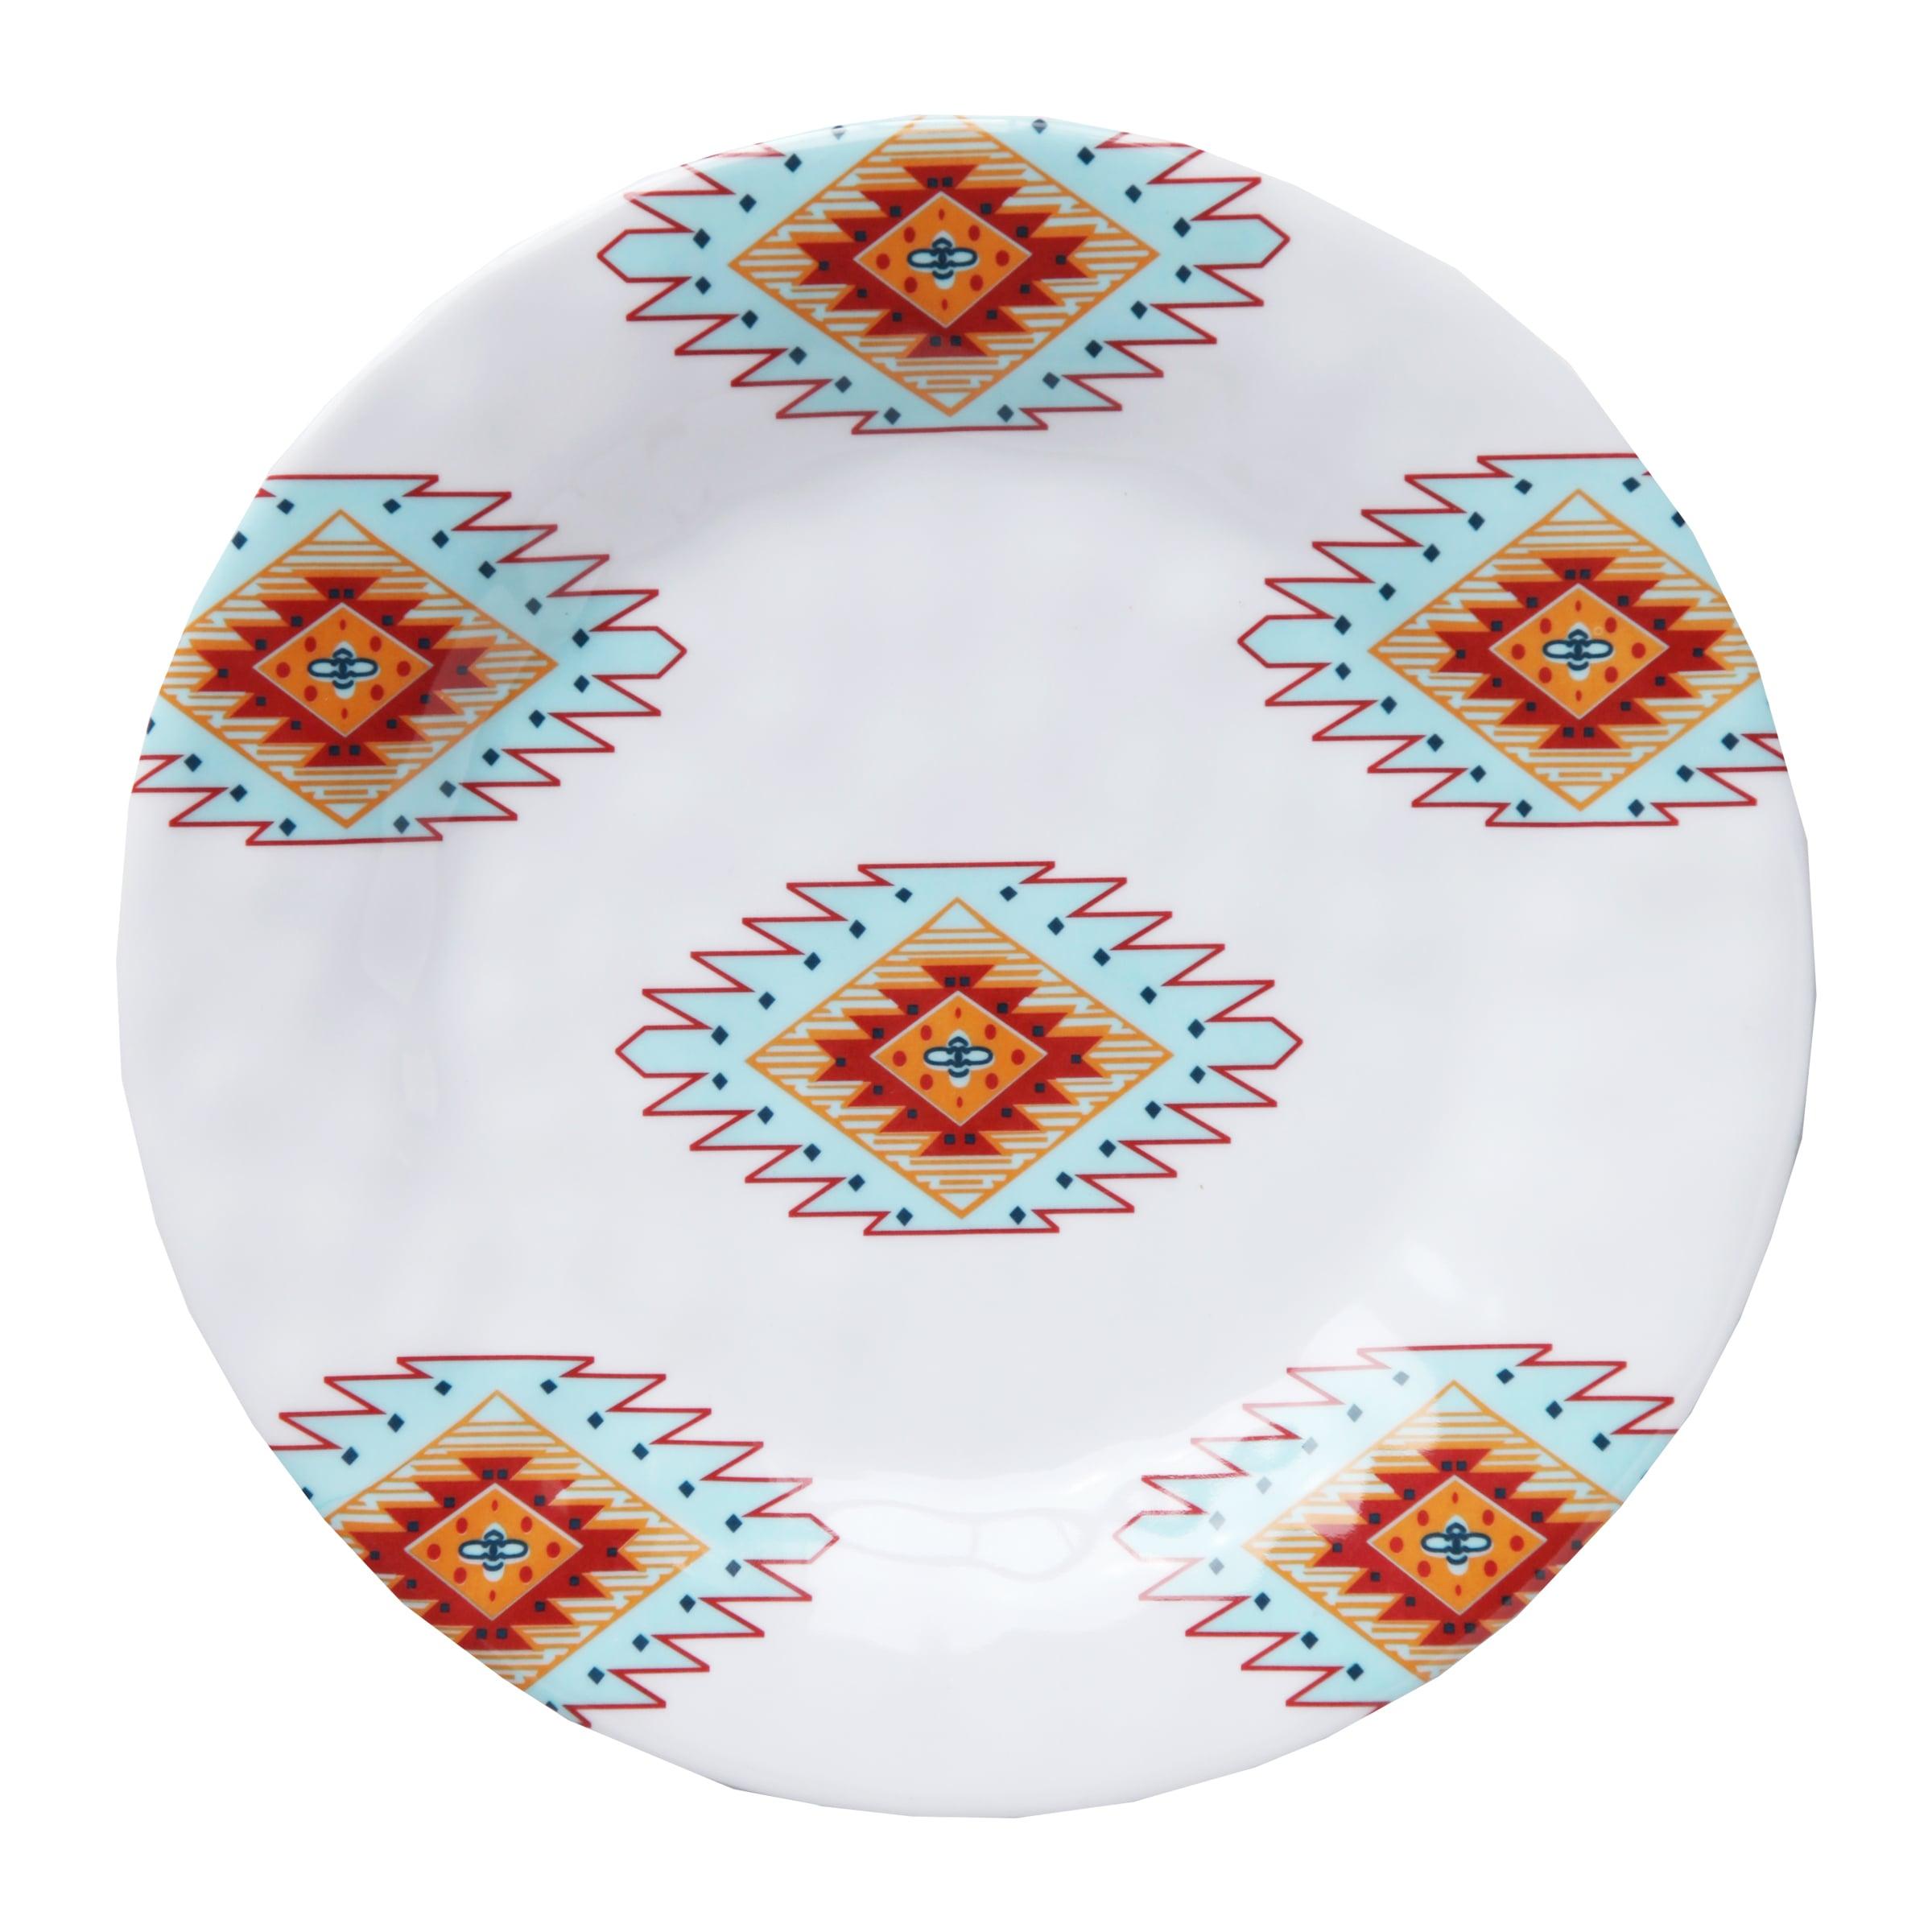 HiEnd Accents Southwest Melamine Salad Plate 4-Piece S 8....